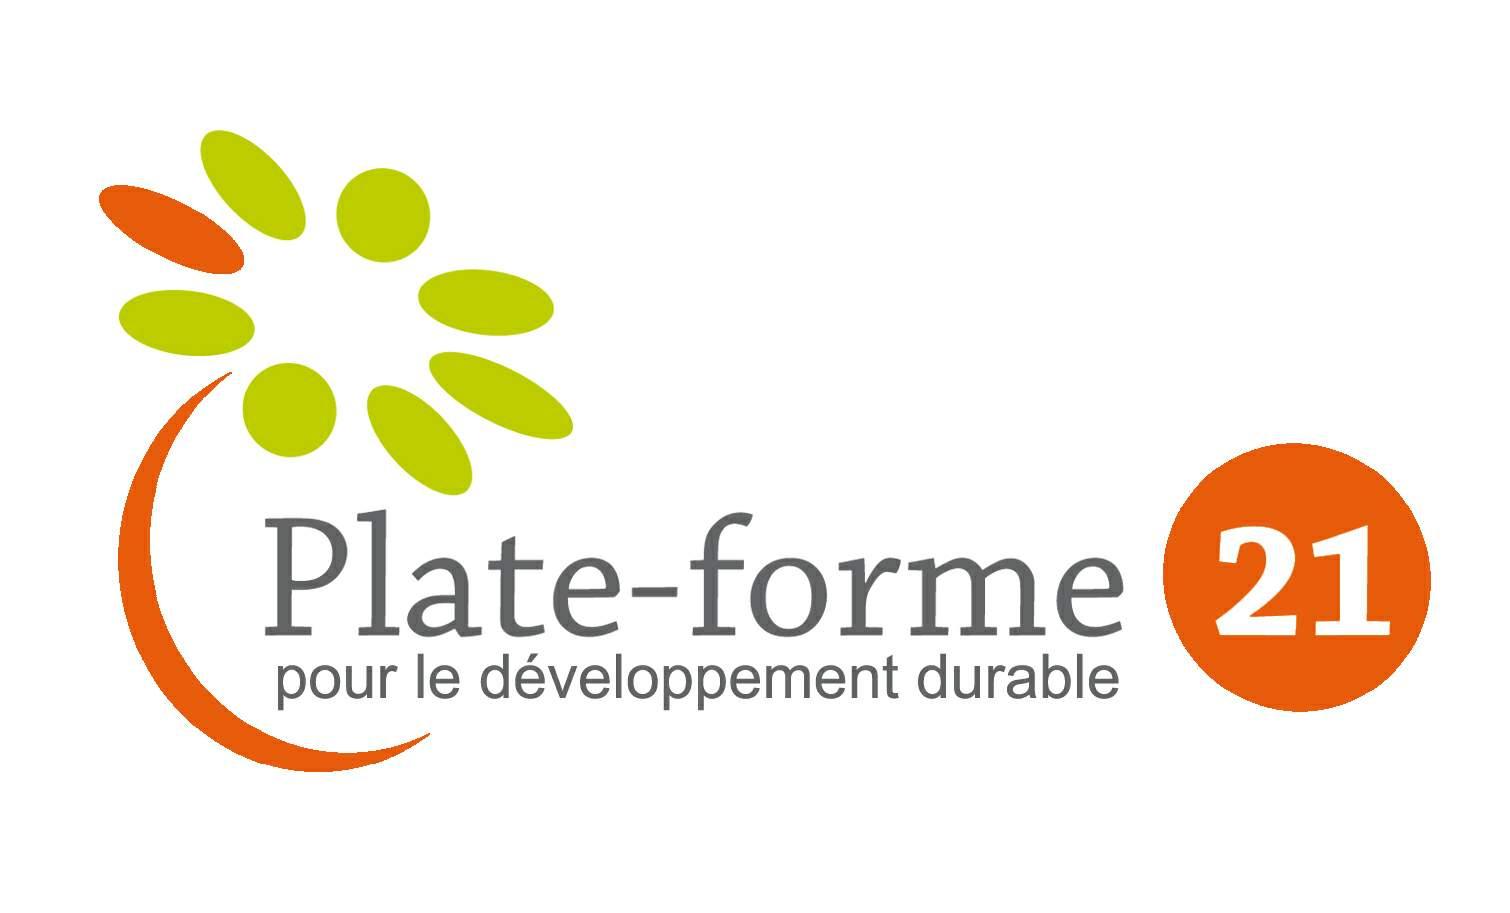 Plate-forme 21 pour le développement durable